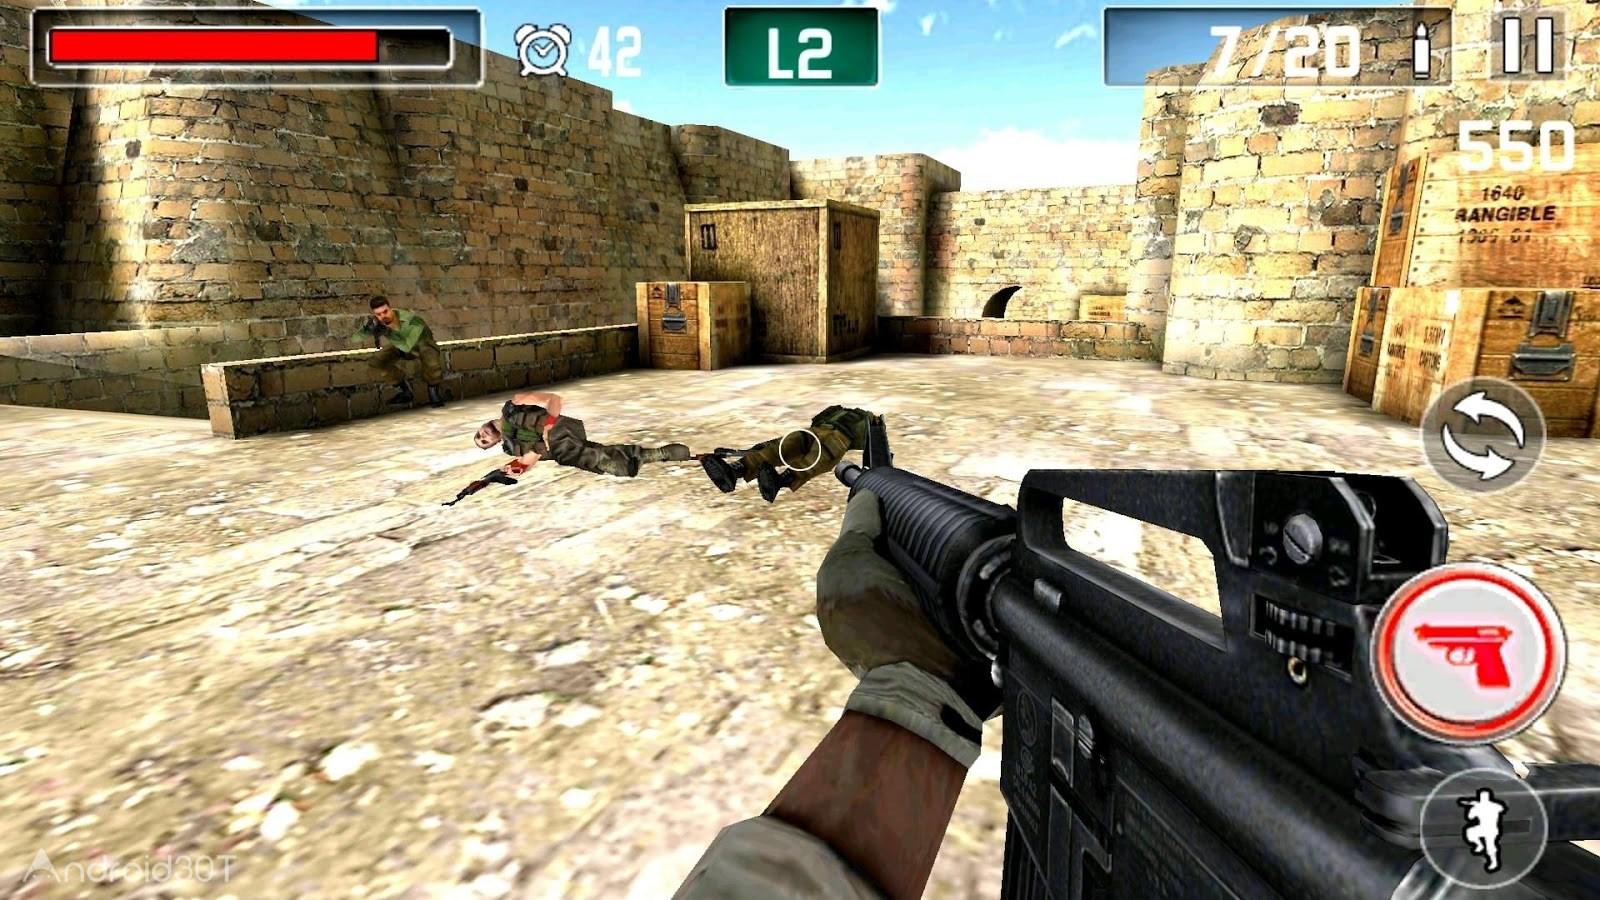 دانلود Gun Shoot War 5.6 – بازی هیجان انگیز و تفنگی آنلاین اندروید